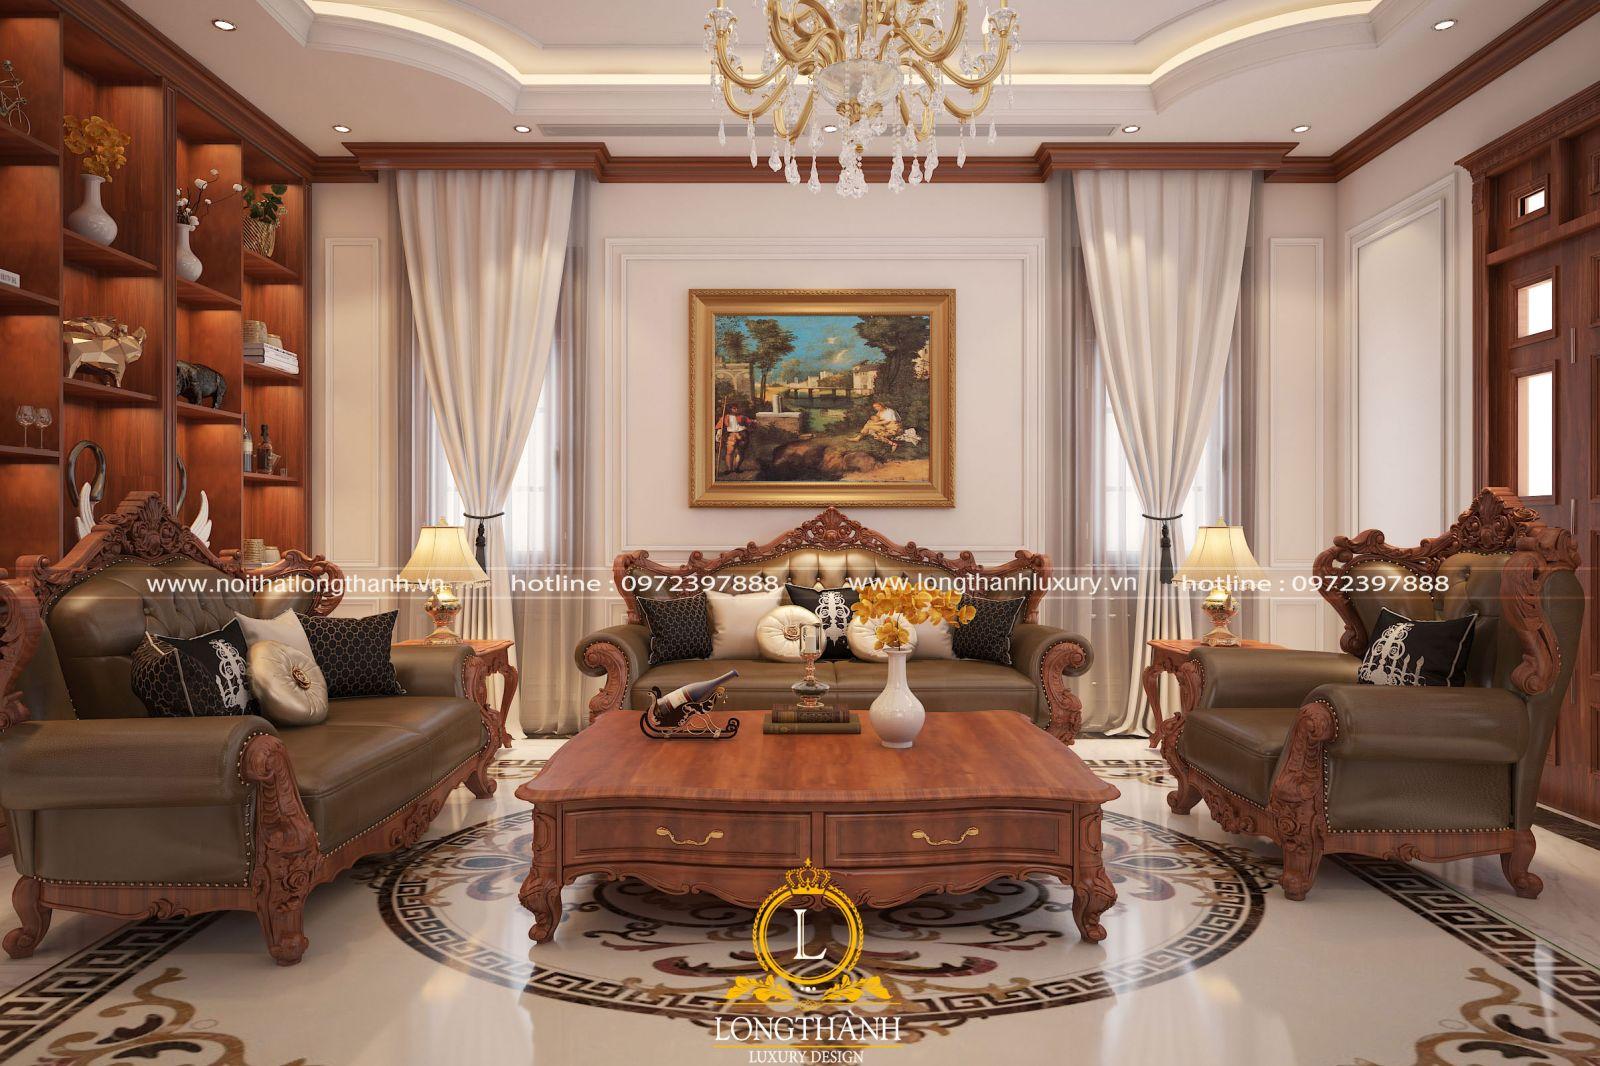 Thiết kế nội thất phòng khách nhà biệt thự liền kề mang phong cách tân cổ điển